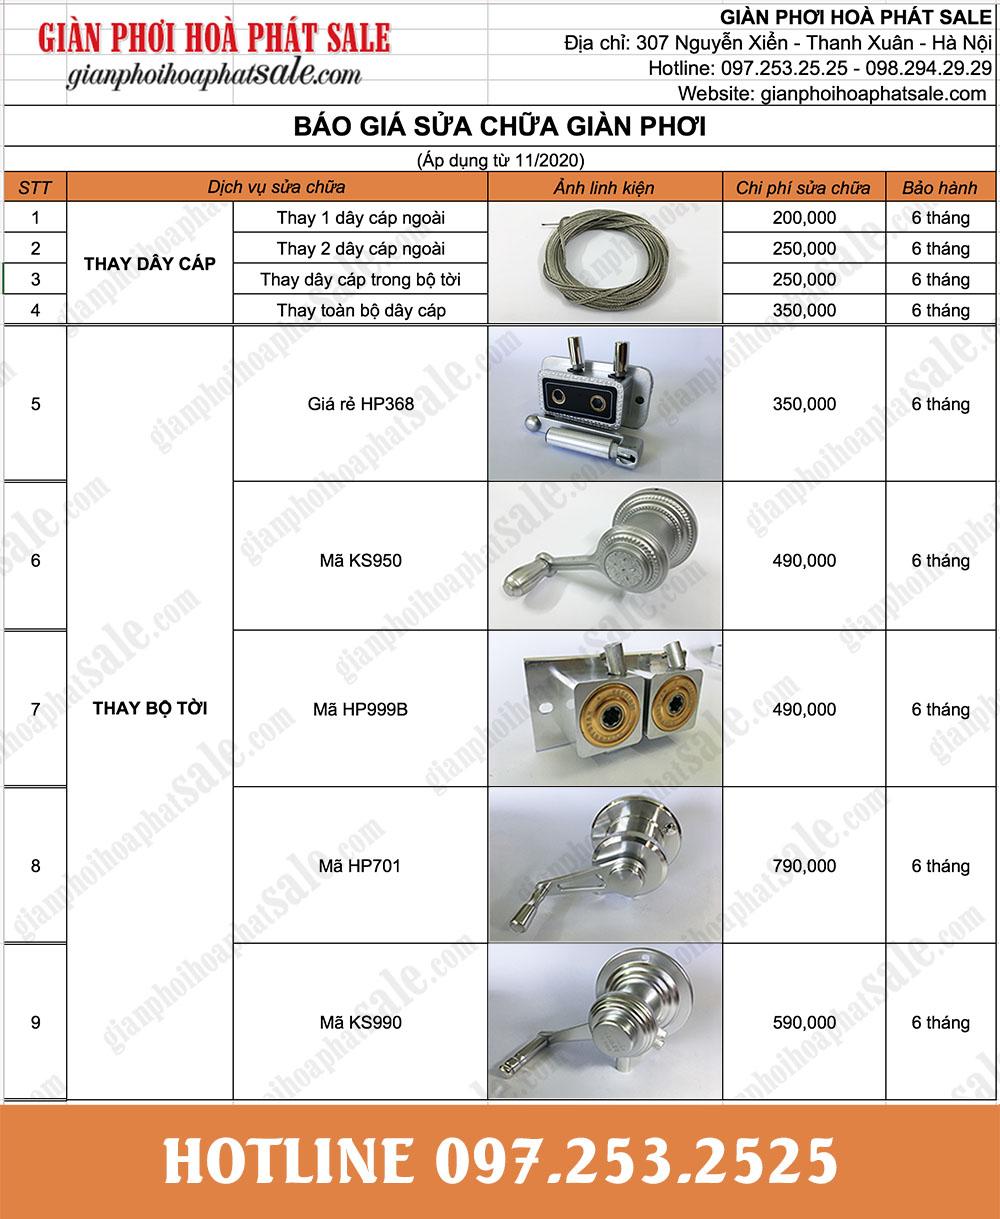 Báo giá sửa chữa thay thế linh kiện giàn phơi thông minh tại Hà Nội và TP.HCM